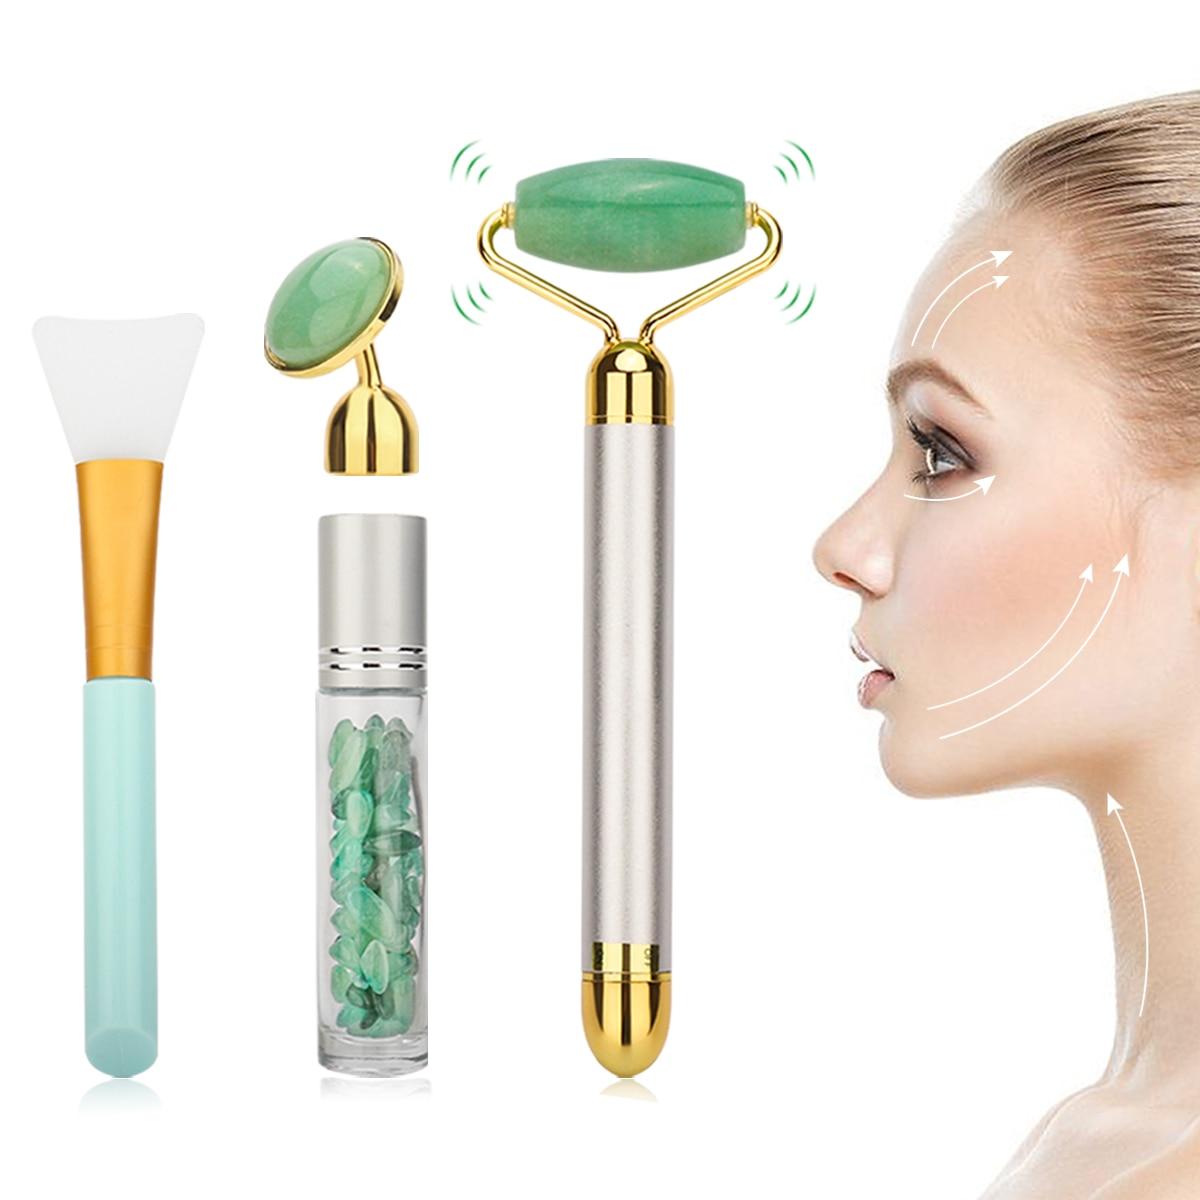 Eléctrica de Jade de rodillos de masaje herramienta para un levantamiento de rostro de cuarzo rosa de adelgazamiento Natural Jade rodillo masajeador Facial conjunto de herramientas